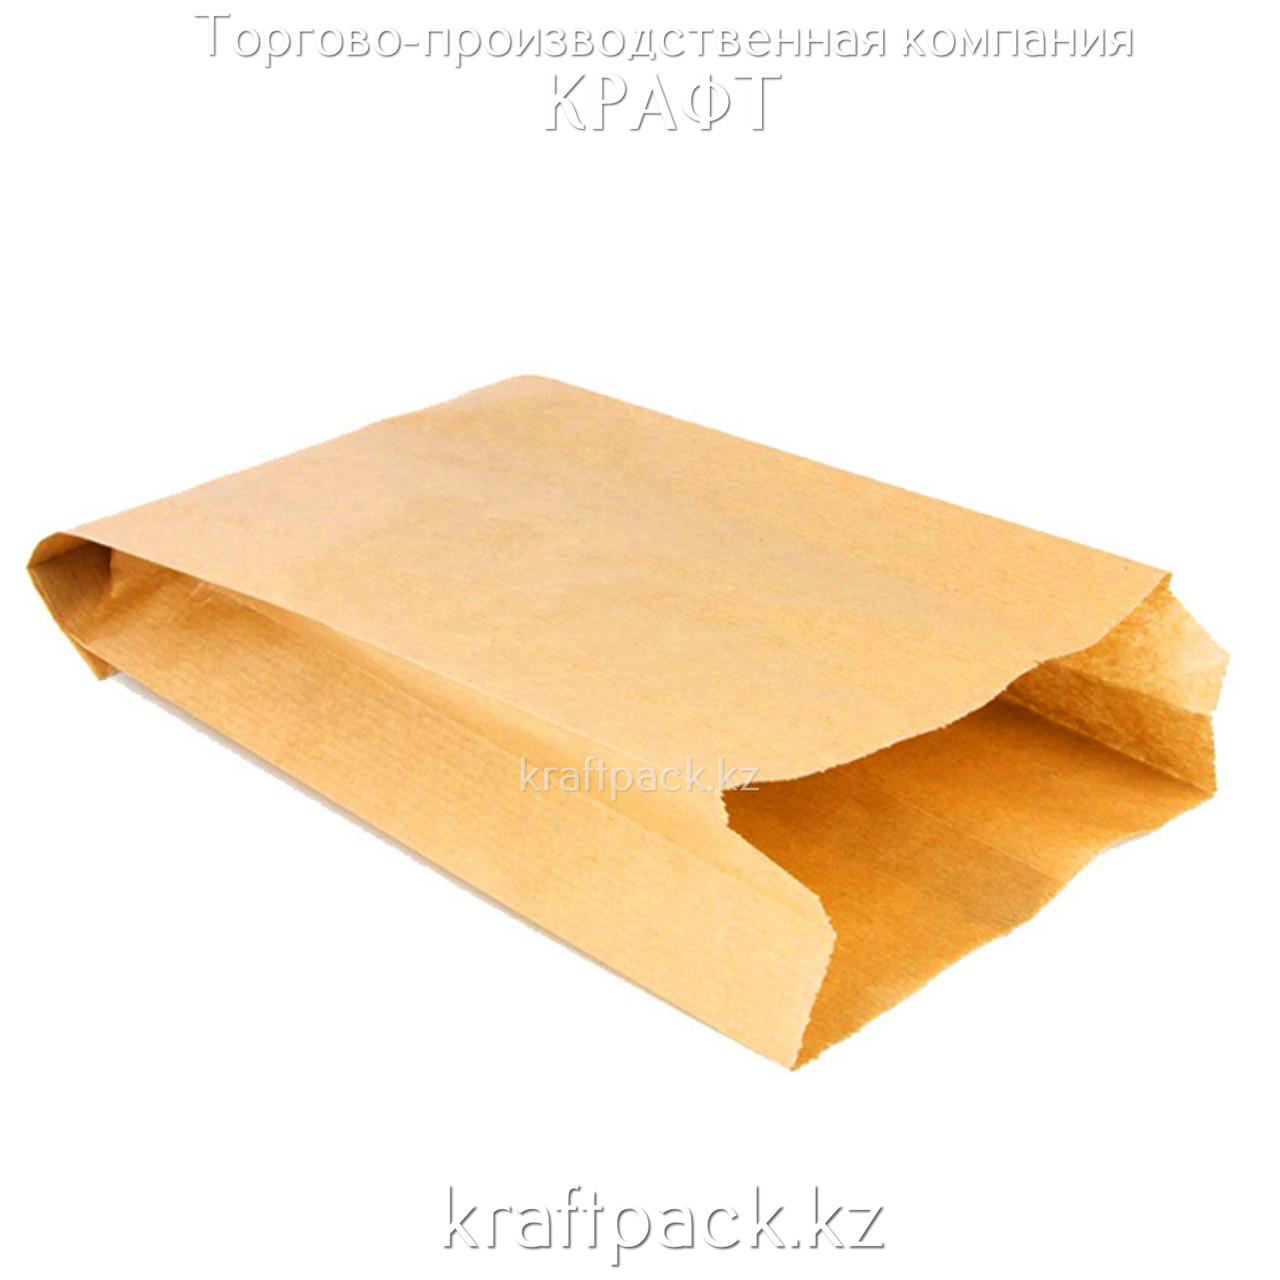 Пакет крафт с плоским дном 250*100*390 (1500шт/уп)